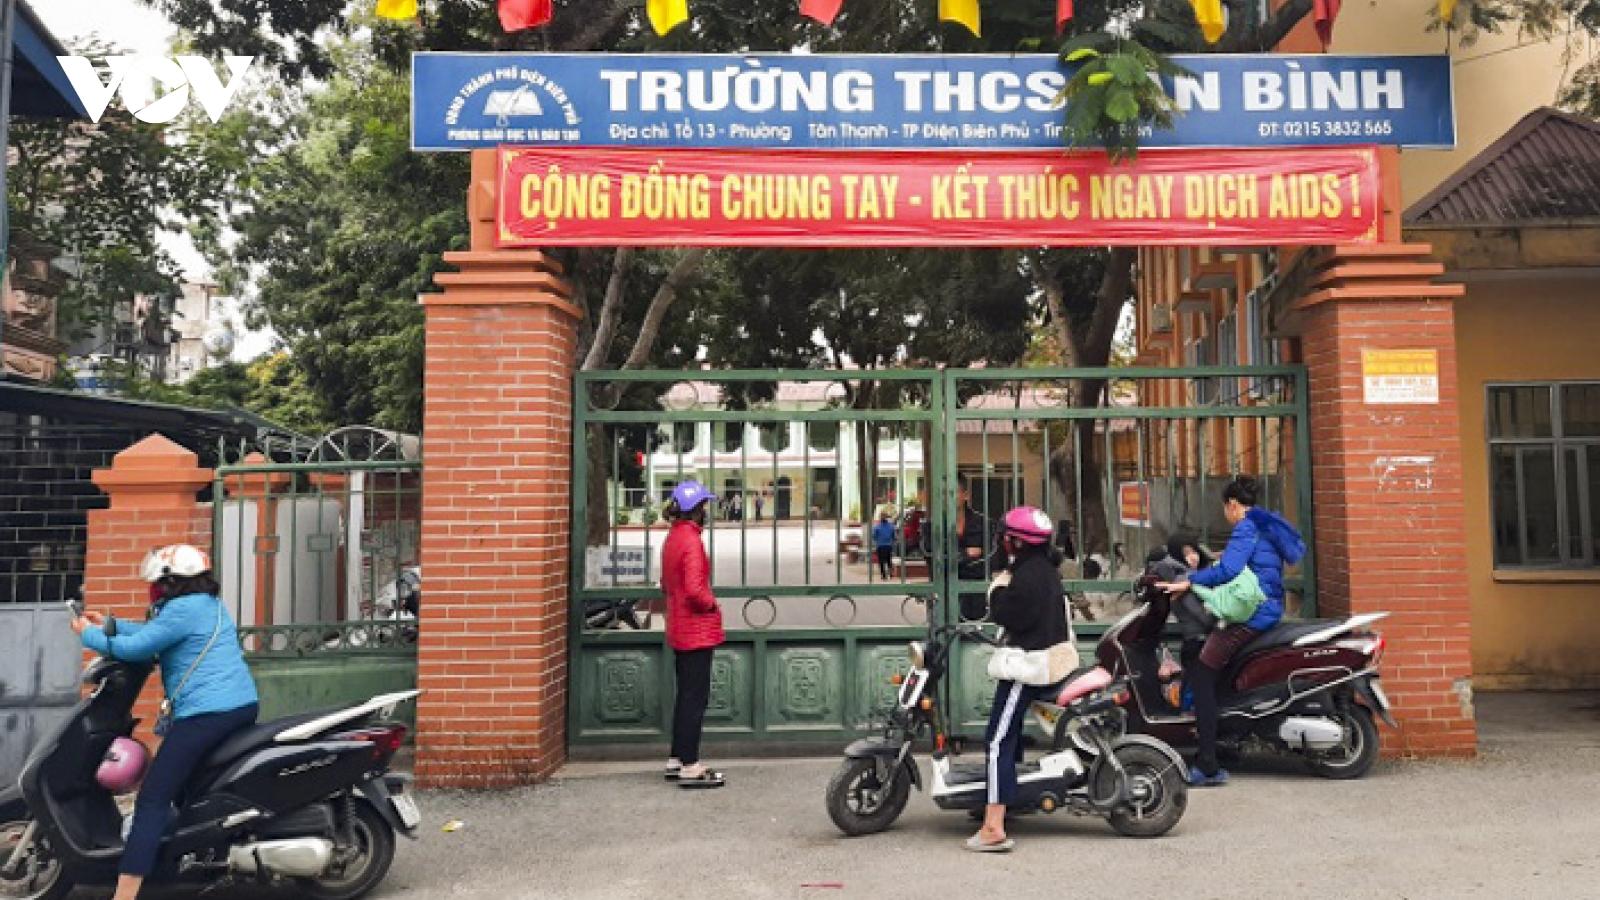 Điện Biên tăng cường bảo đảm an toàn trường học sau vụ phụ huynh hành hung học sinh